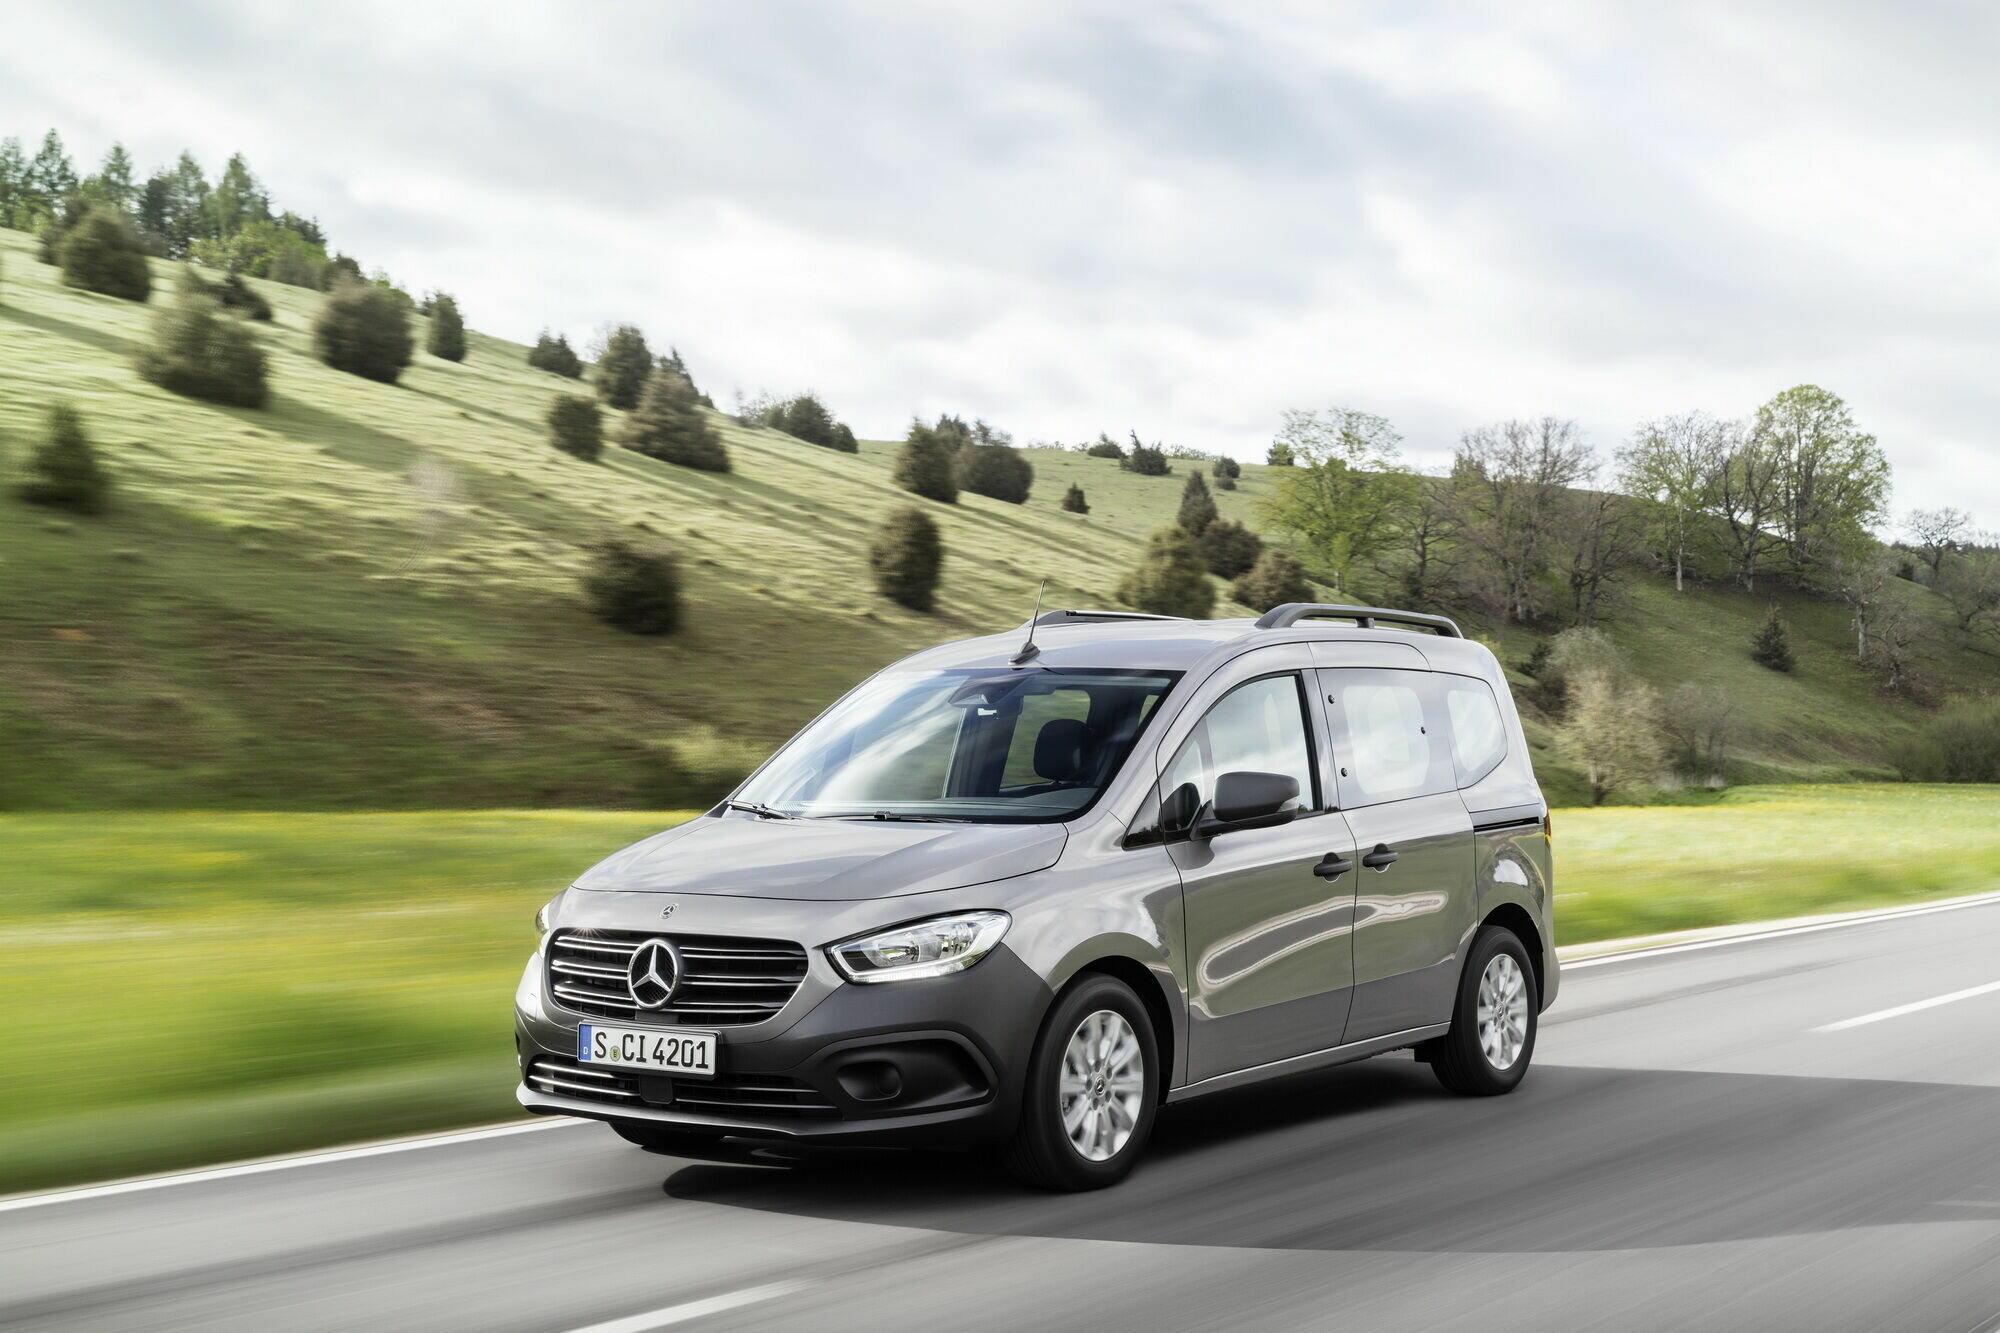 Модель предложена в двух вариантах – грузовом 2-местном Citan Panel Van и пассажирском 5-местном Citan Tourer